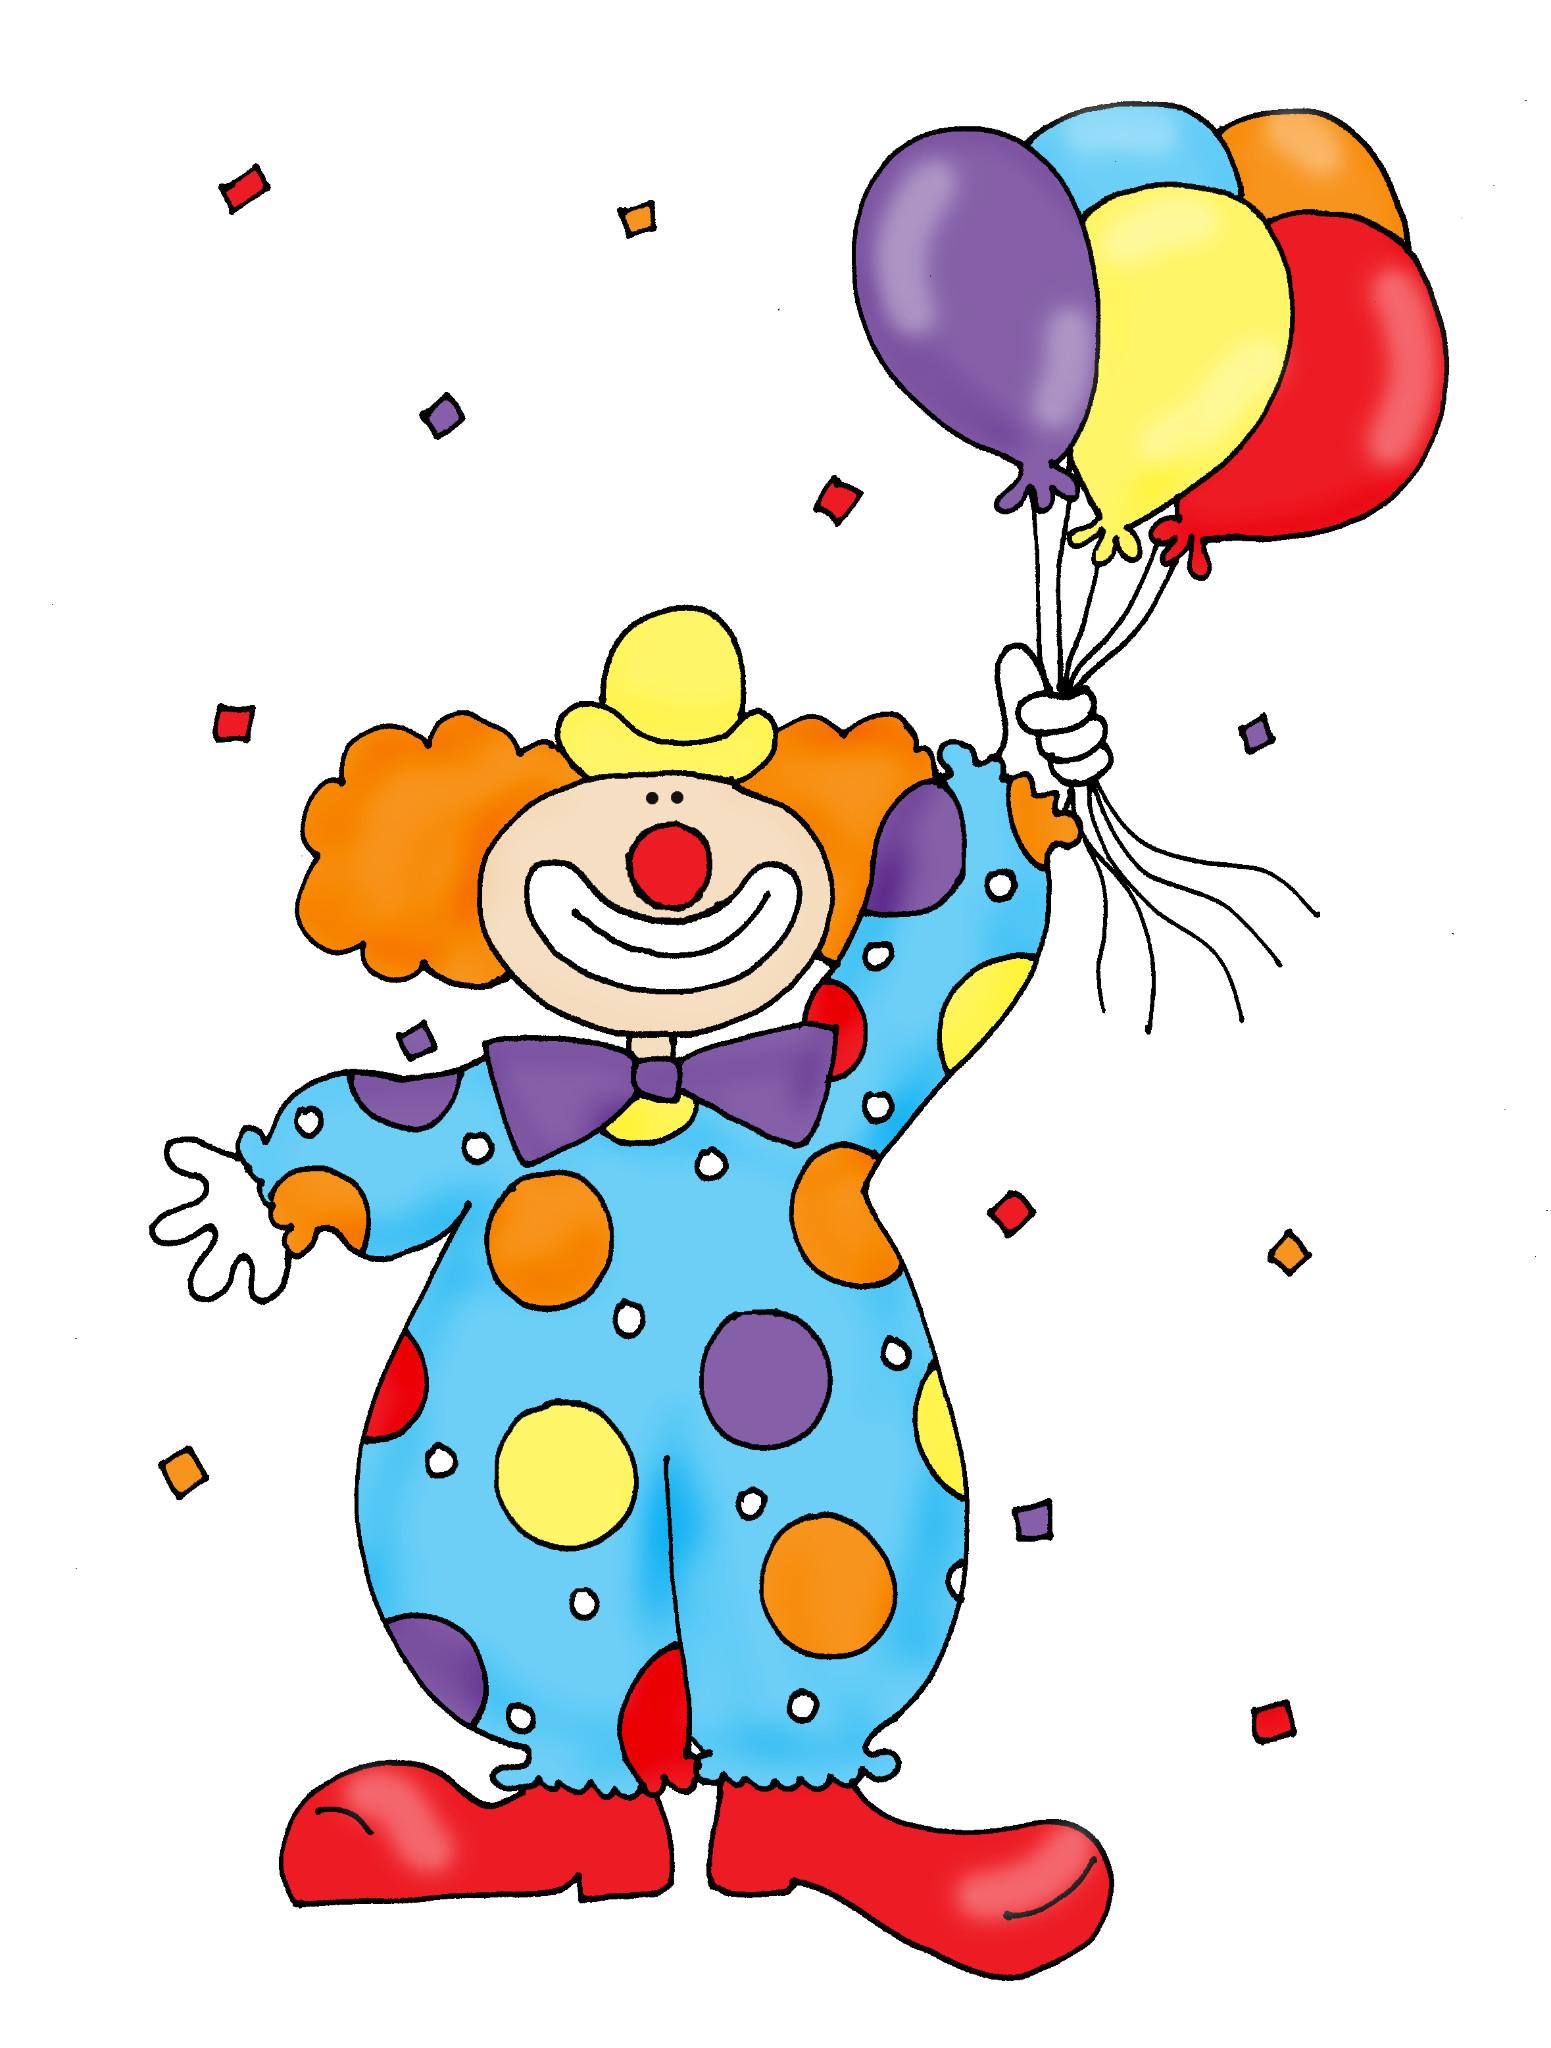 Clown clip art clowns clowns clip art and art.